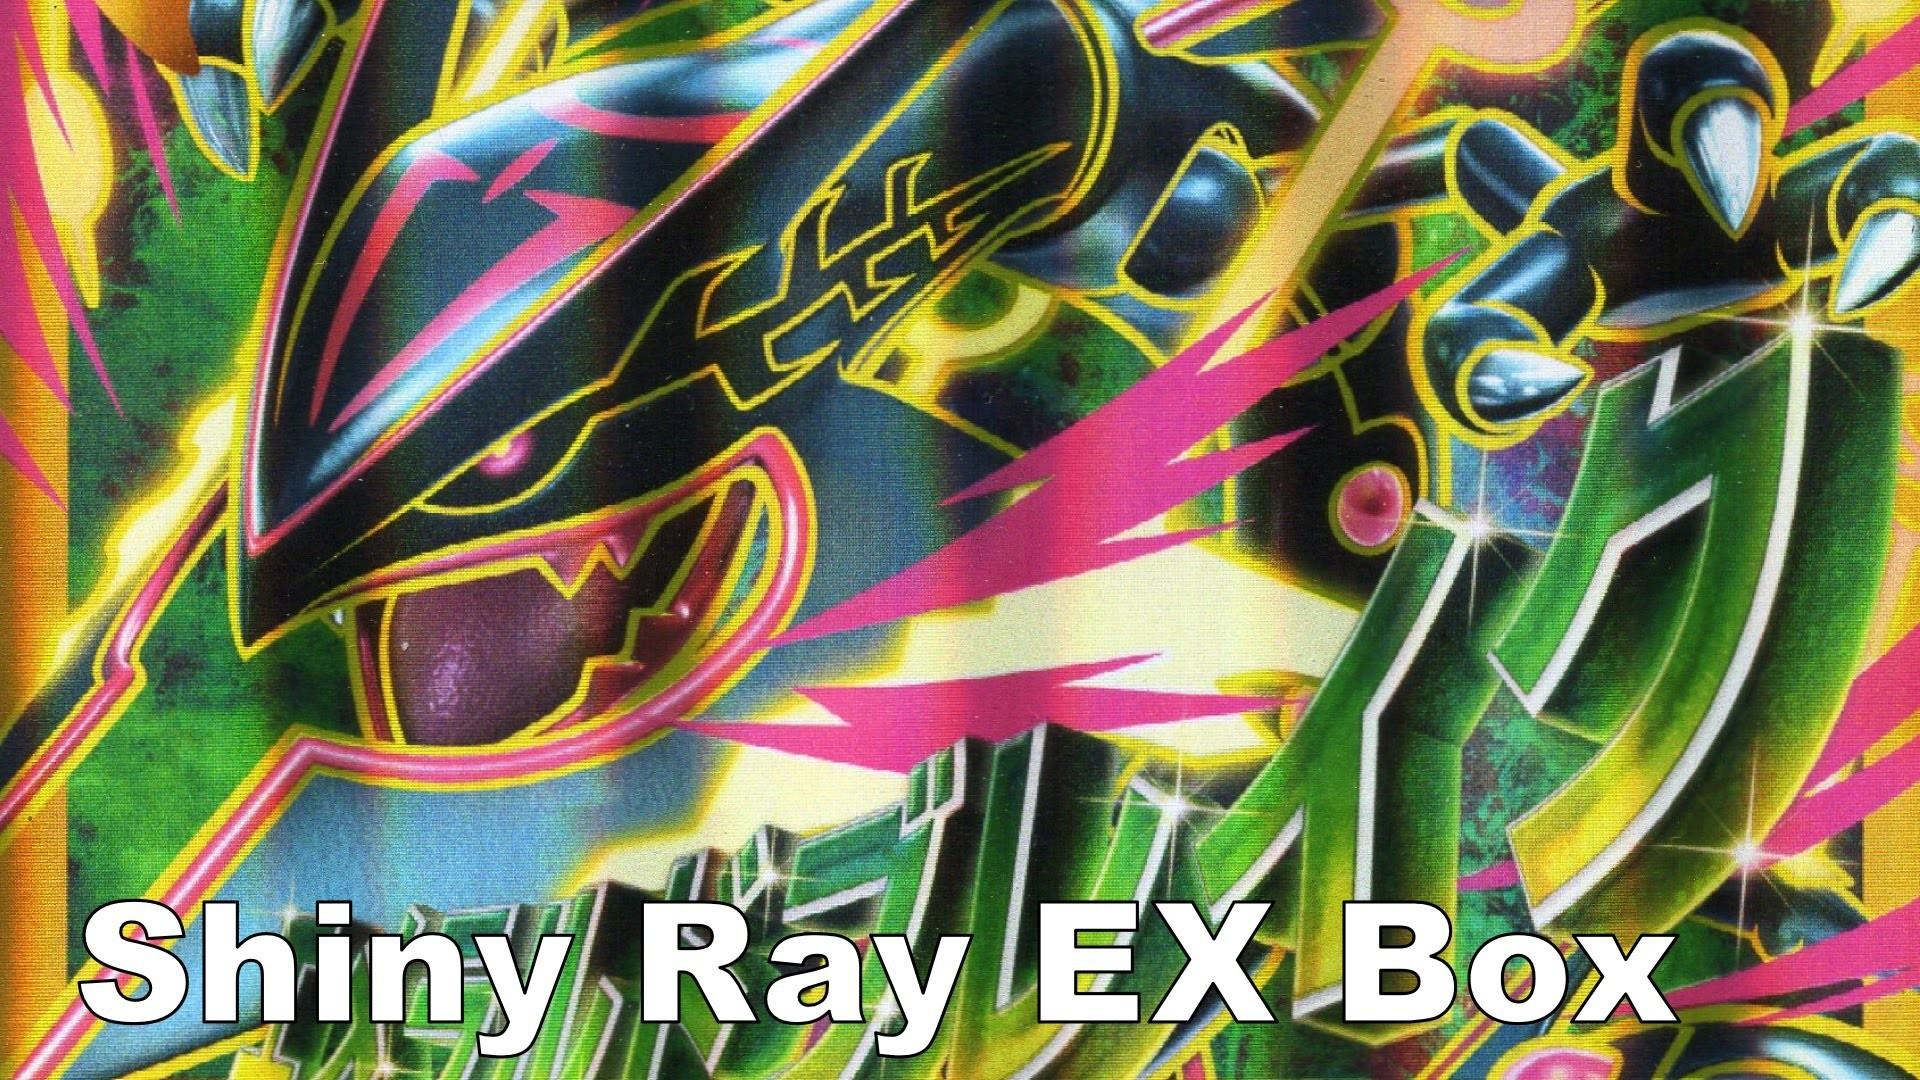 Pokemon Shiny Rayquaza EX Box w/ Shiny Mega Rayquaza Jumbo Card – YouTube